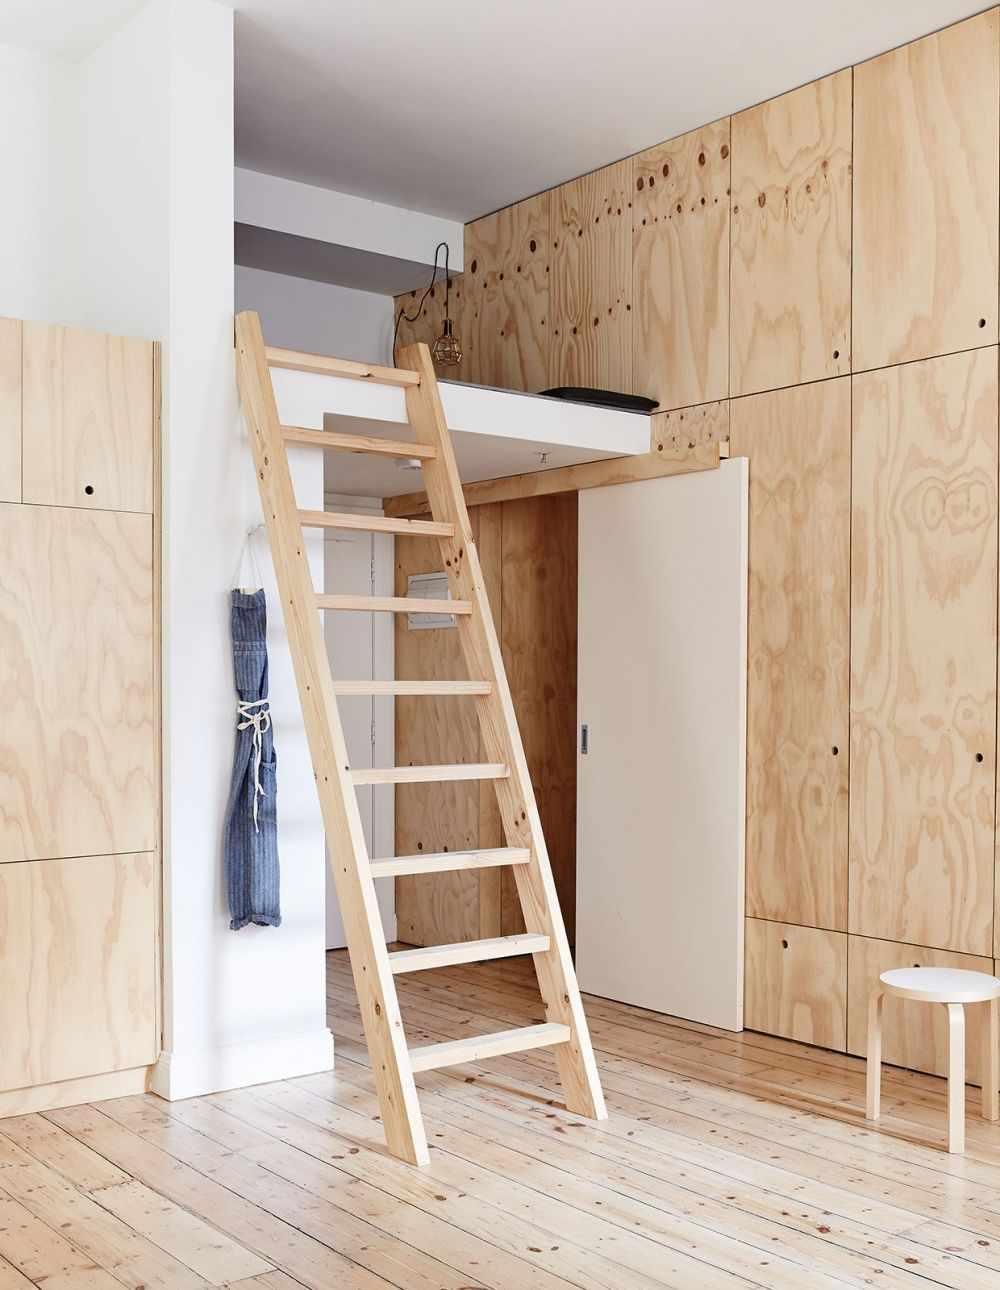 Departamento con divisi n de ambientes en madera terciada for Acabados apartamentos pequenos